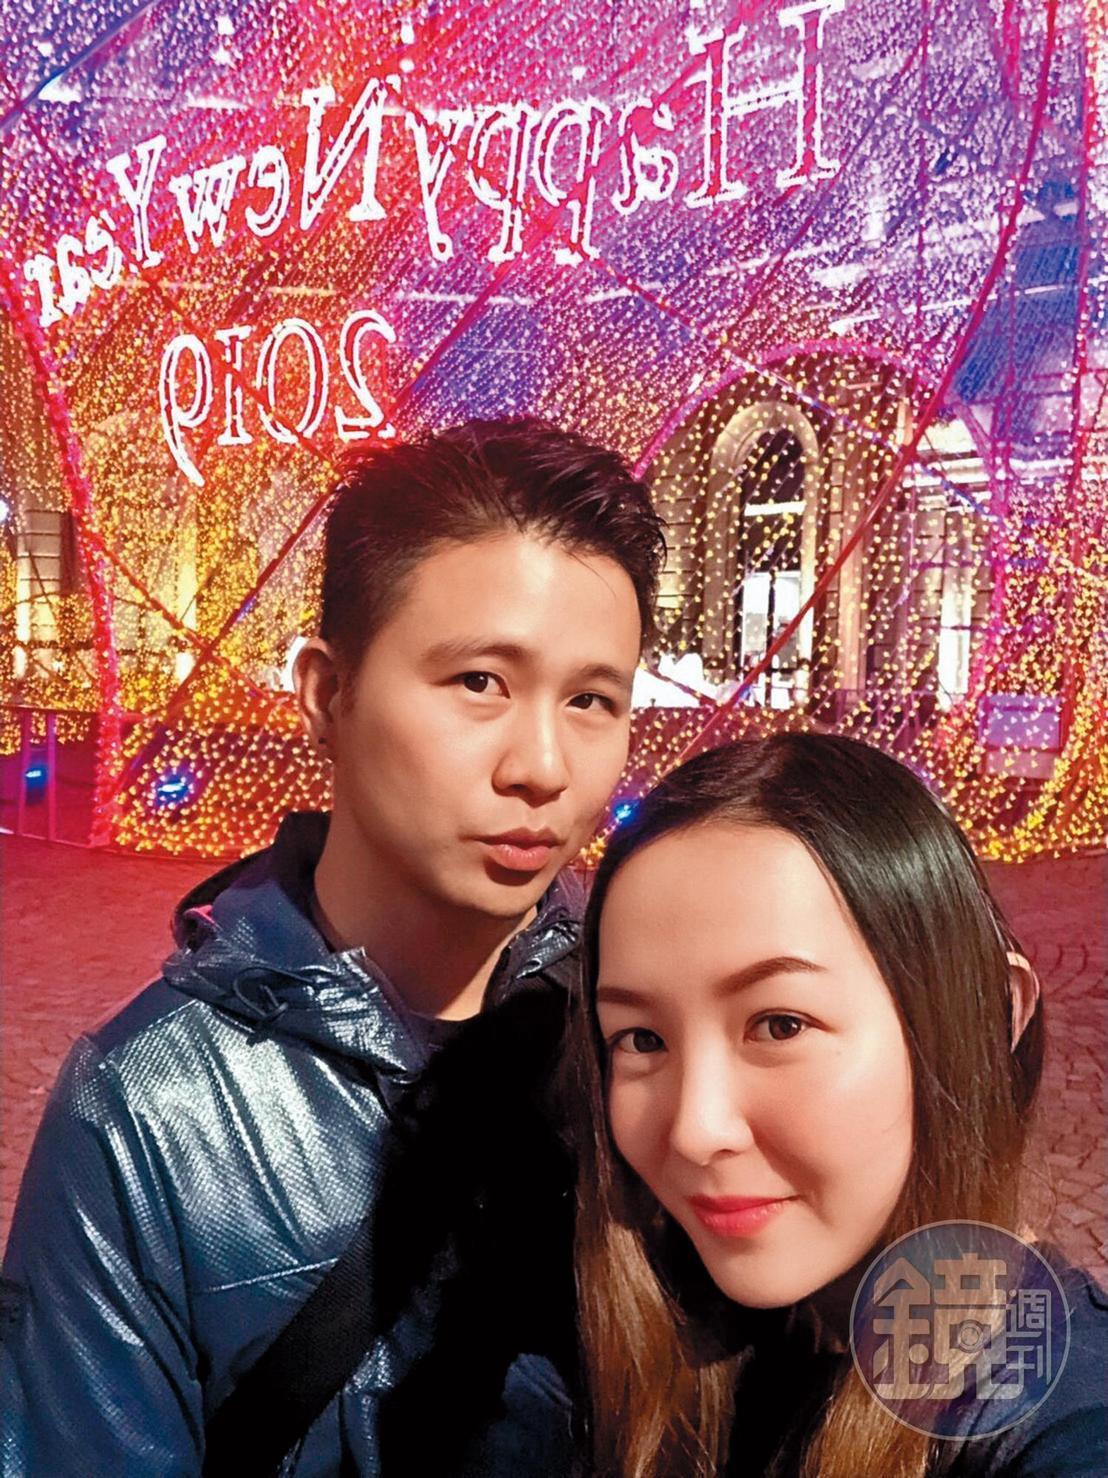 張劭緯、邱威樺在寫著「Happy New Year 2019」的燈前留影,顯示這段不倫戀長達多年。(讀者提供)